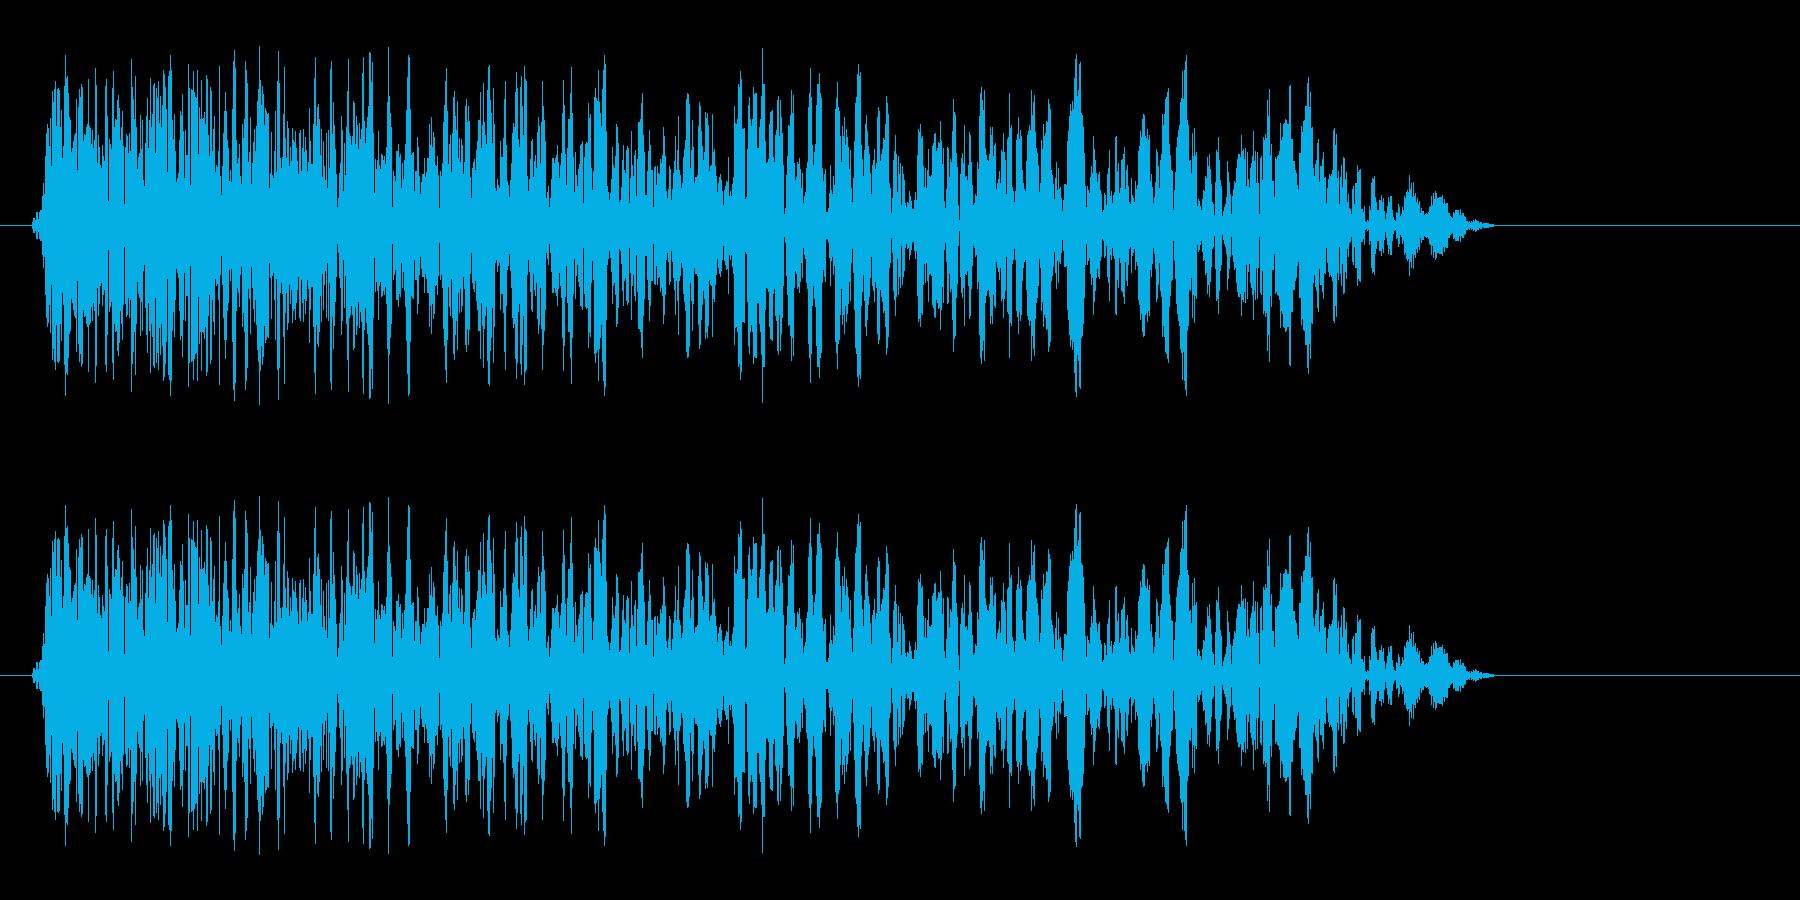 ピュンっと風を切る効果音の再生済みの波形